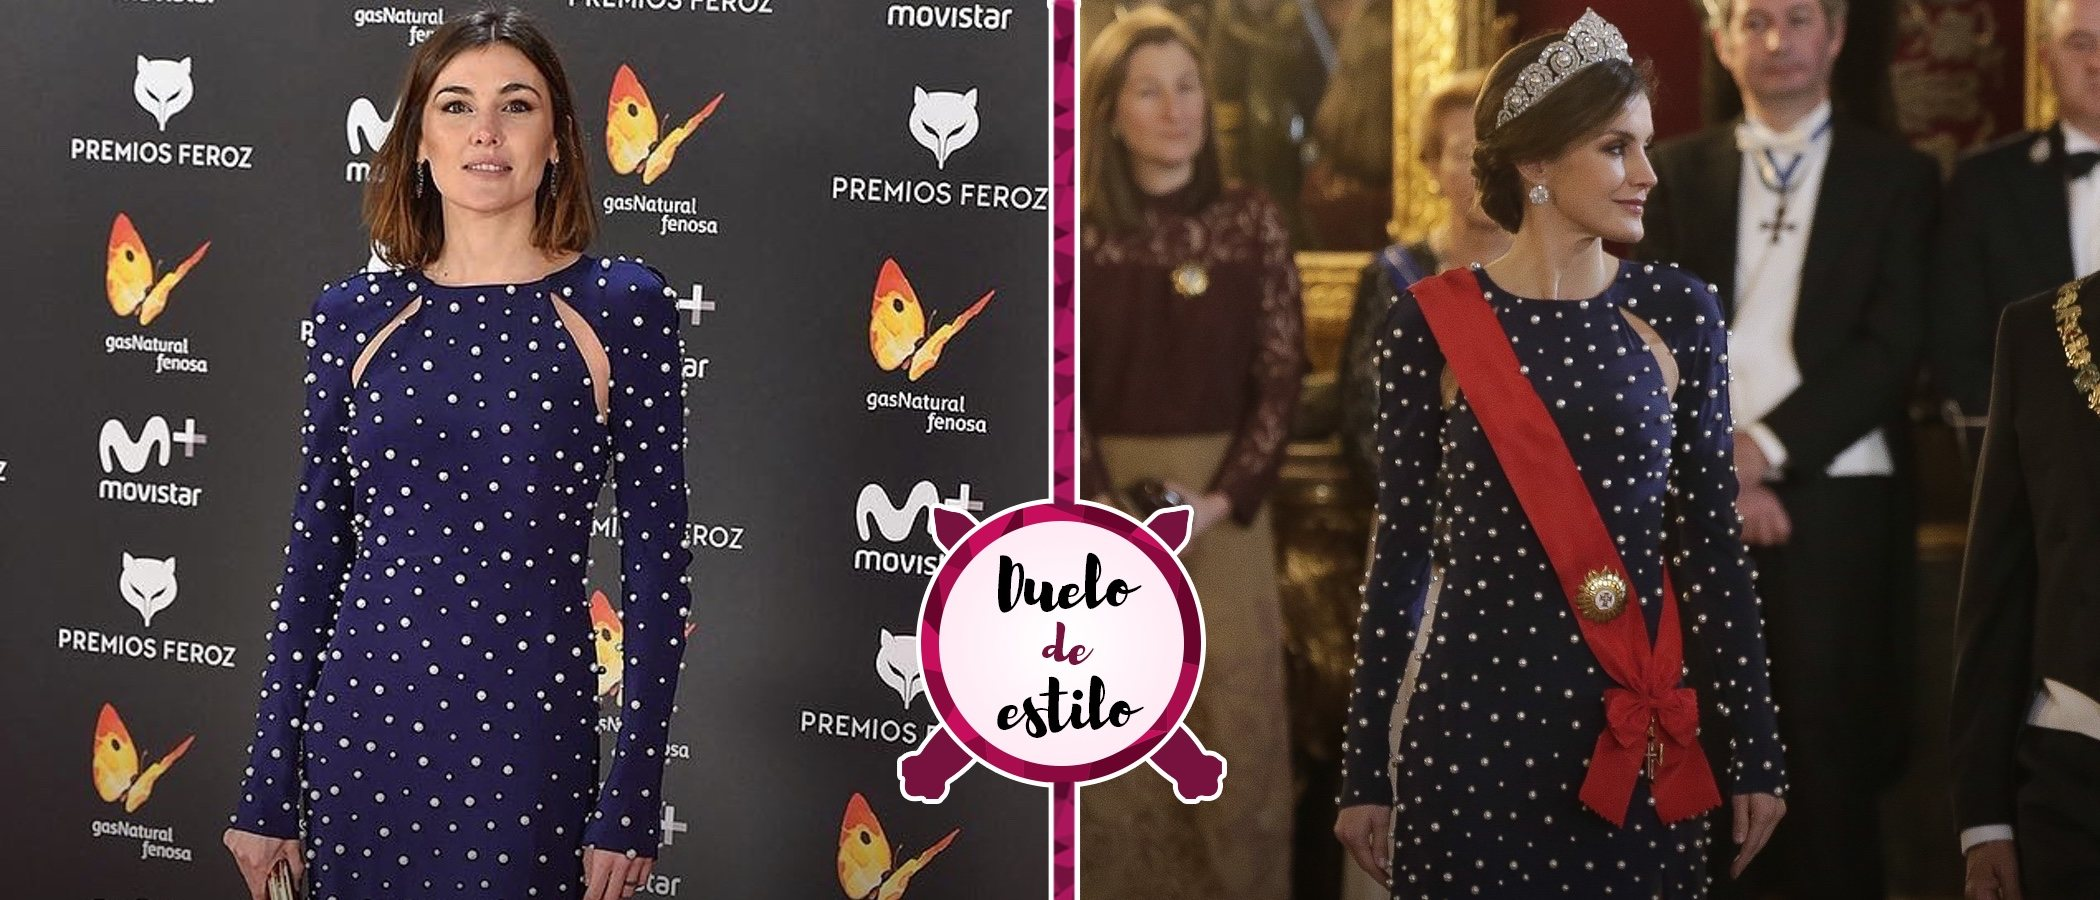 El vestido de Ana Locking de la Reina Letizia ya fue lucido por Marta Nieto. ¿Con qué look te quedas?